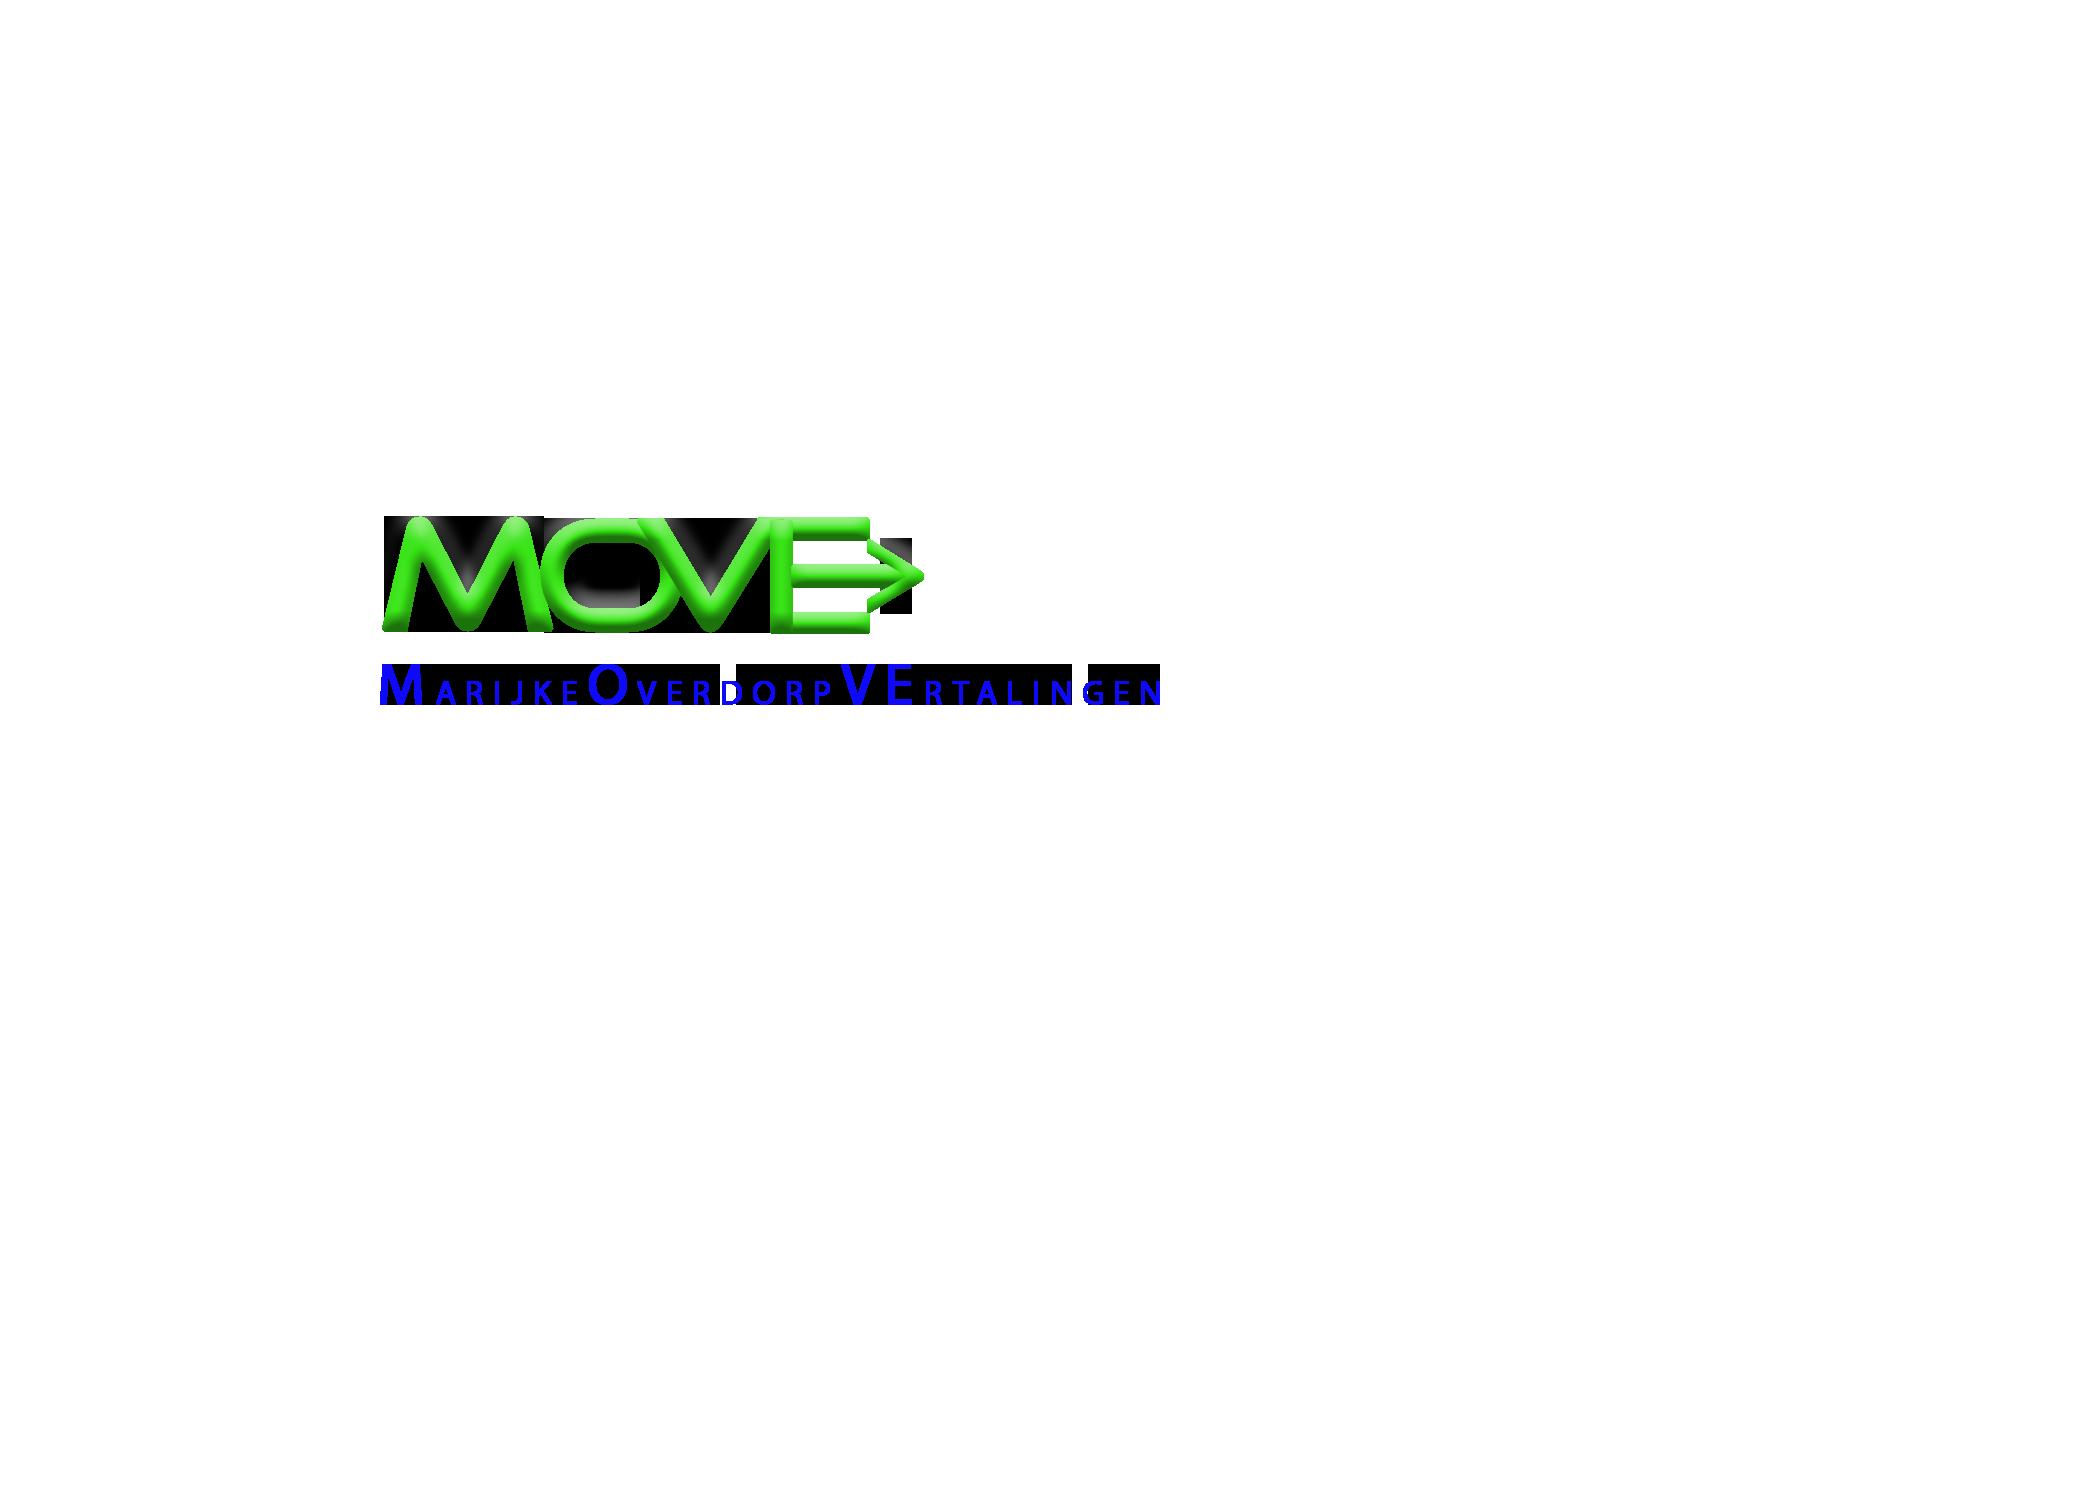 Move nieuw